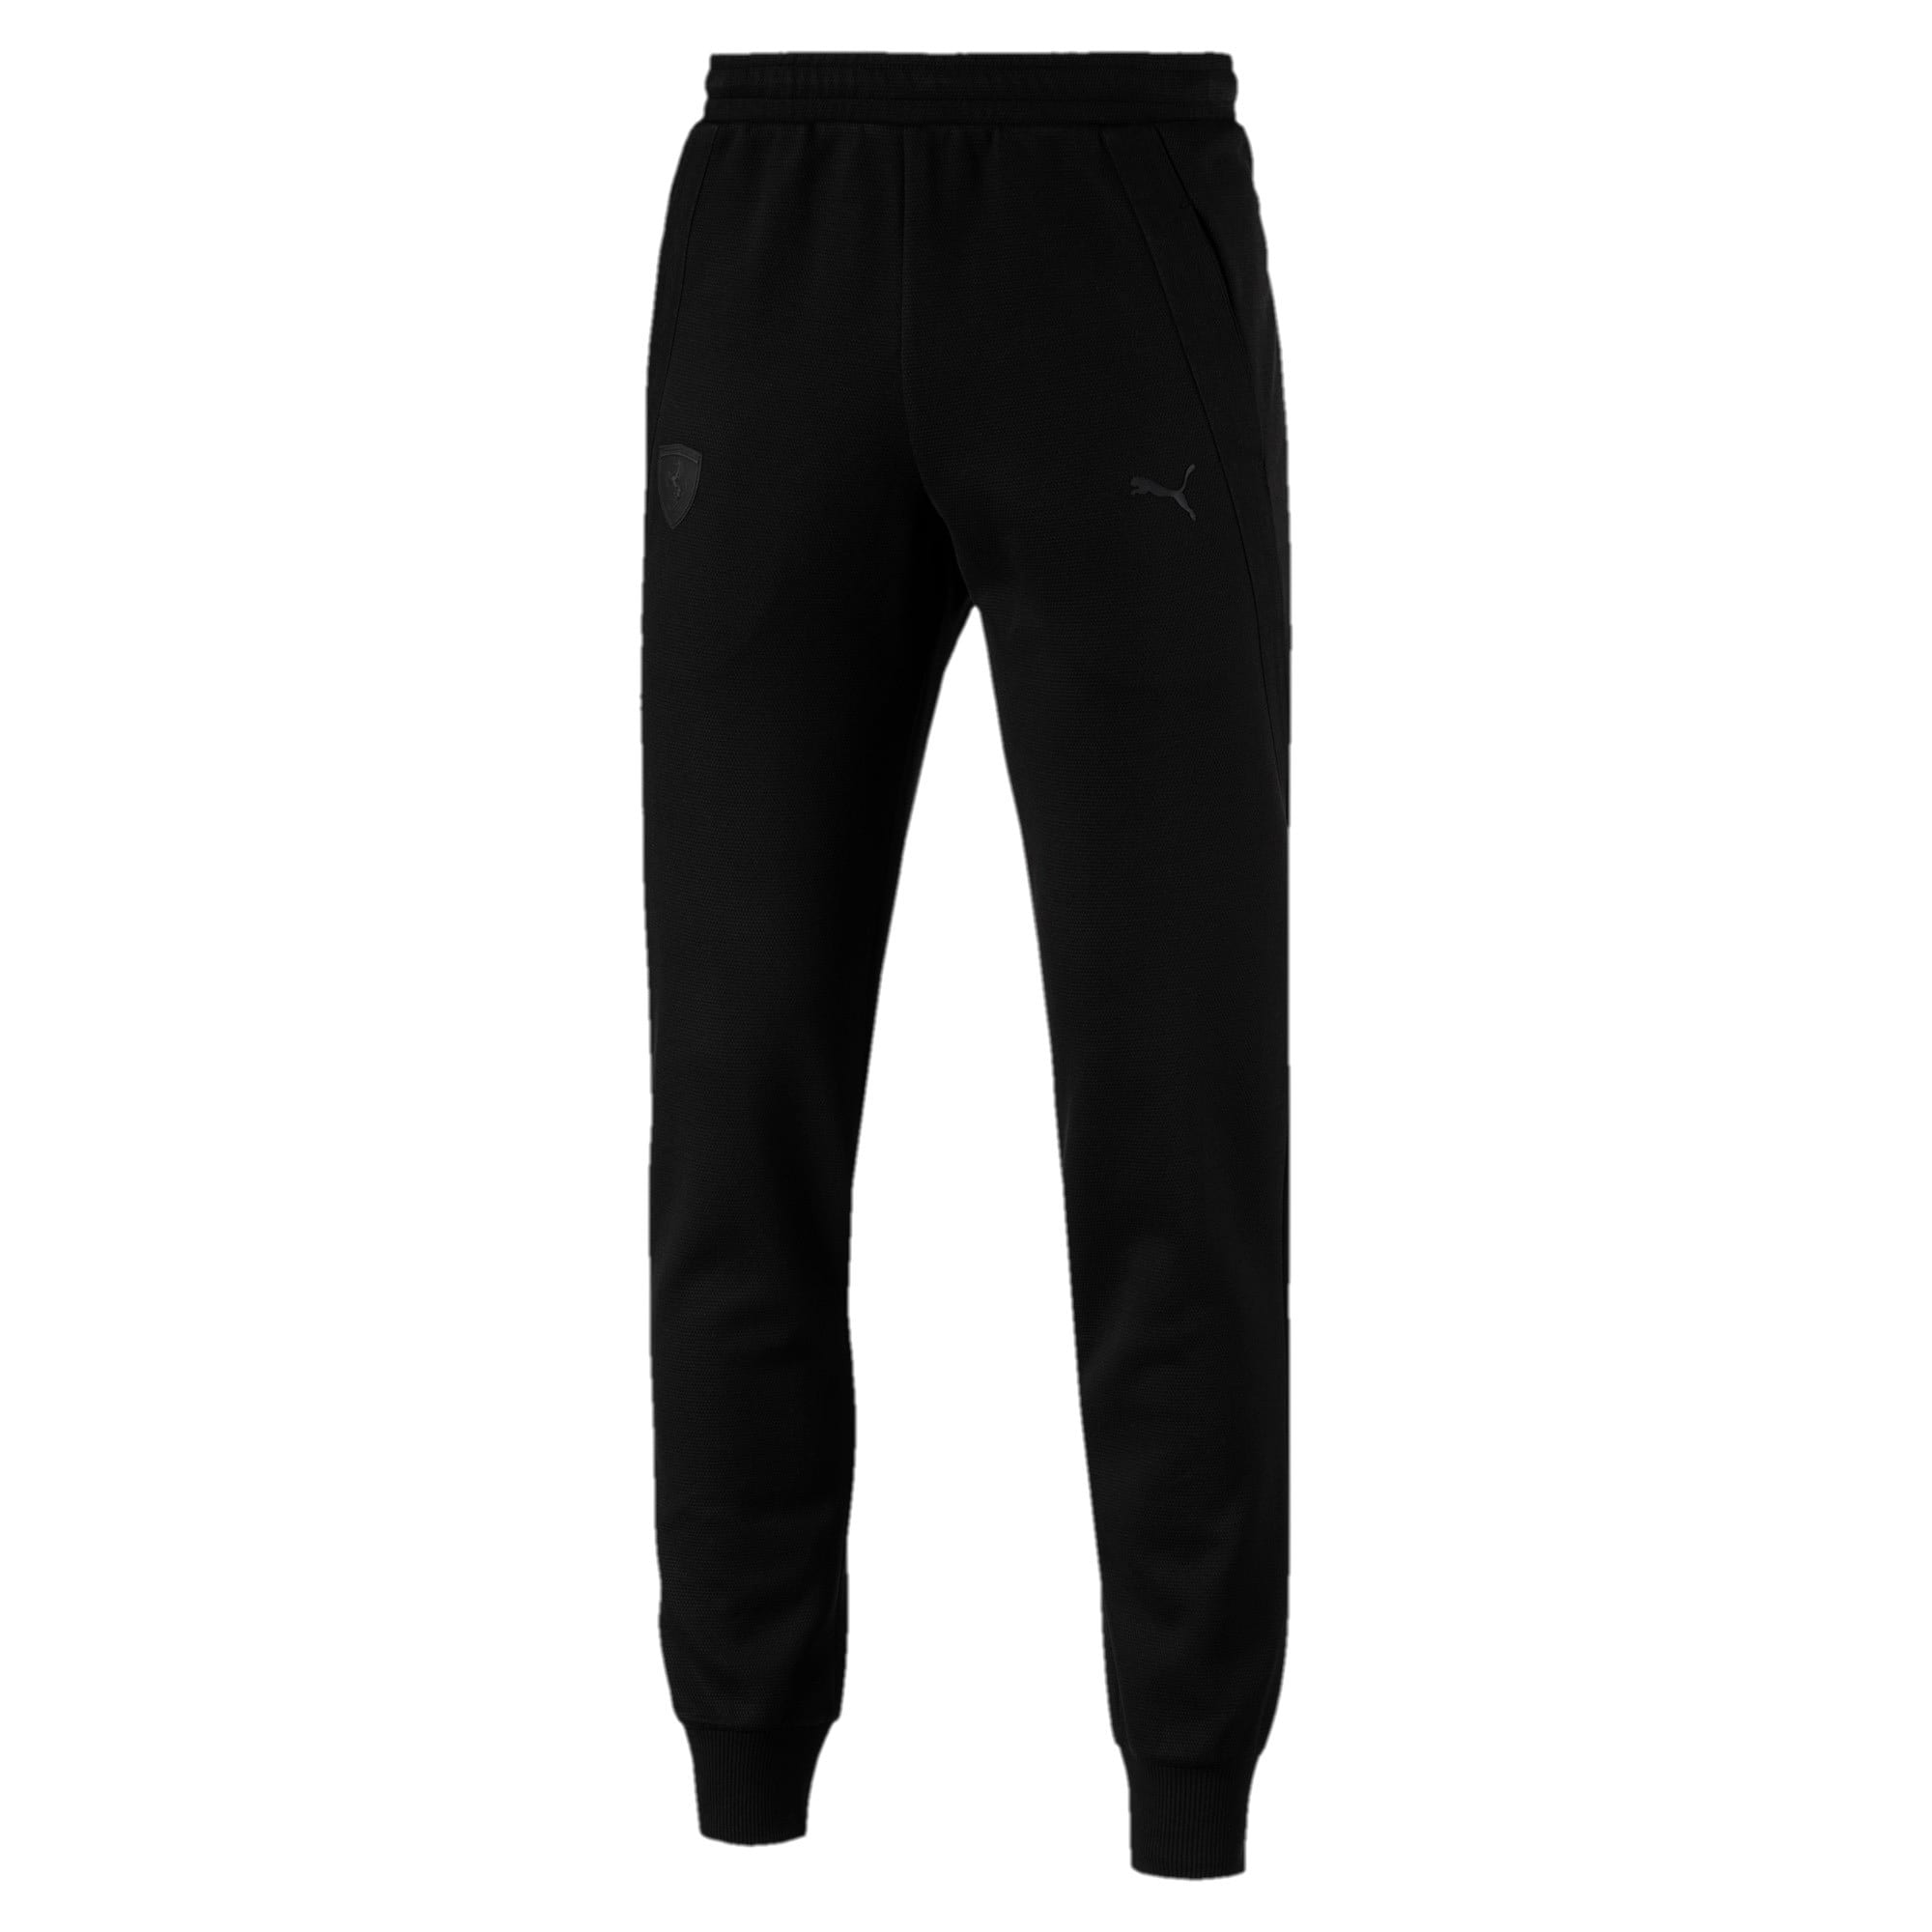 Thumbnail 1 of Ferrari Men's Sweatpants, Puma Black, medium-IND